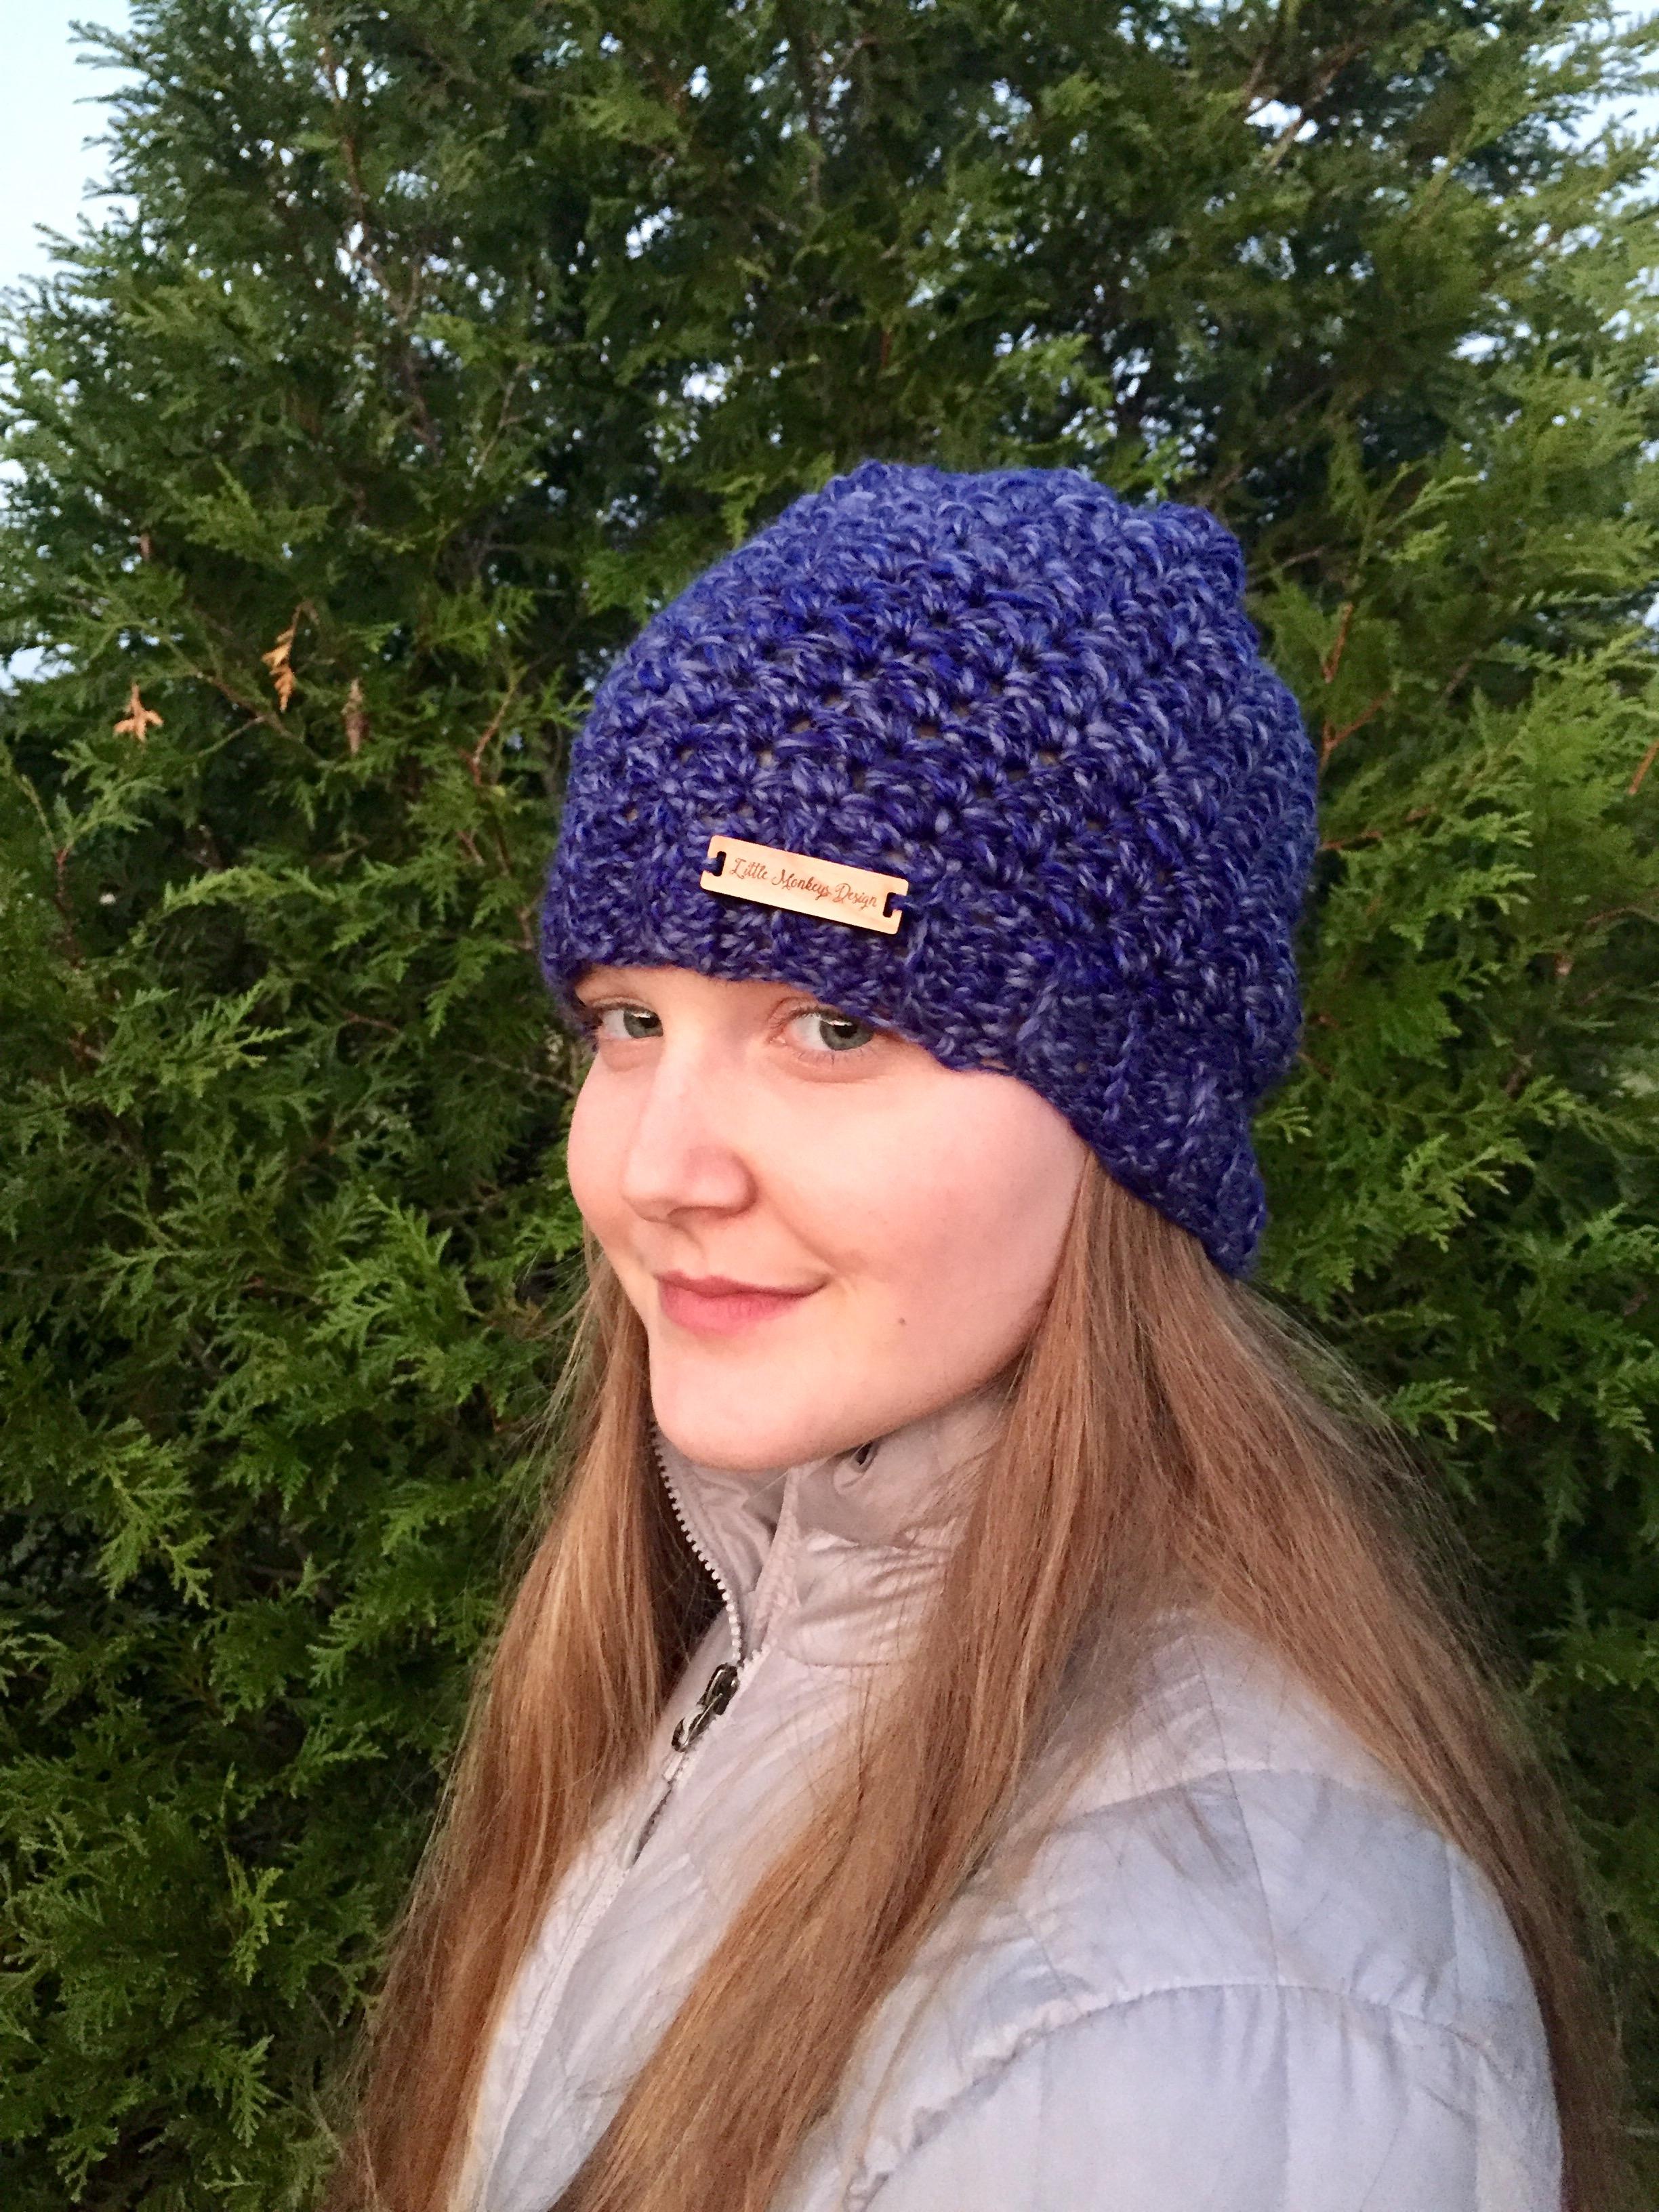 let-it-snow-hat-by-little-monkeys-design-in-blue-merino-wool